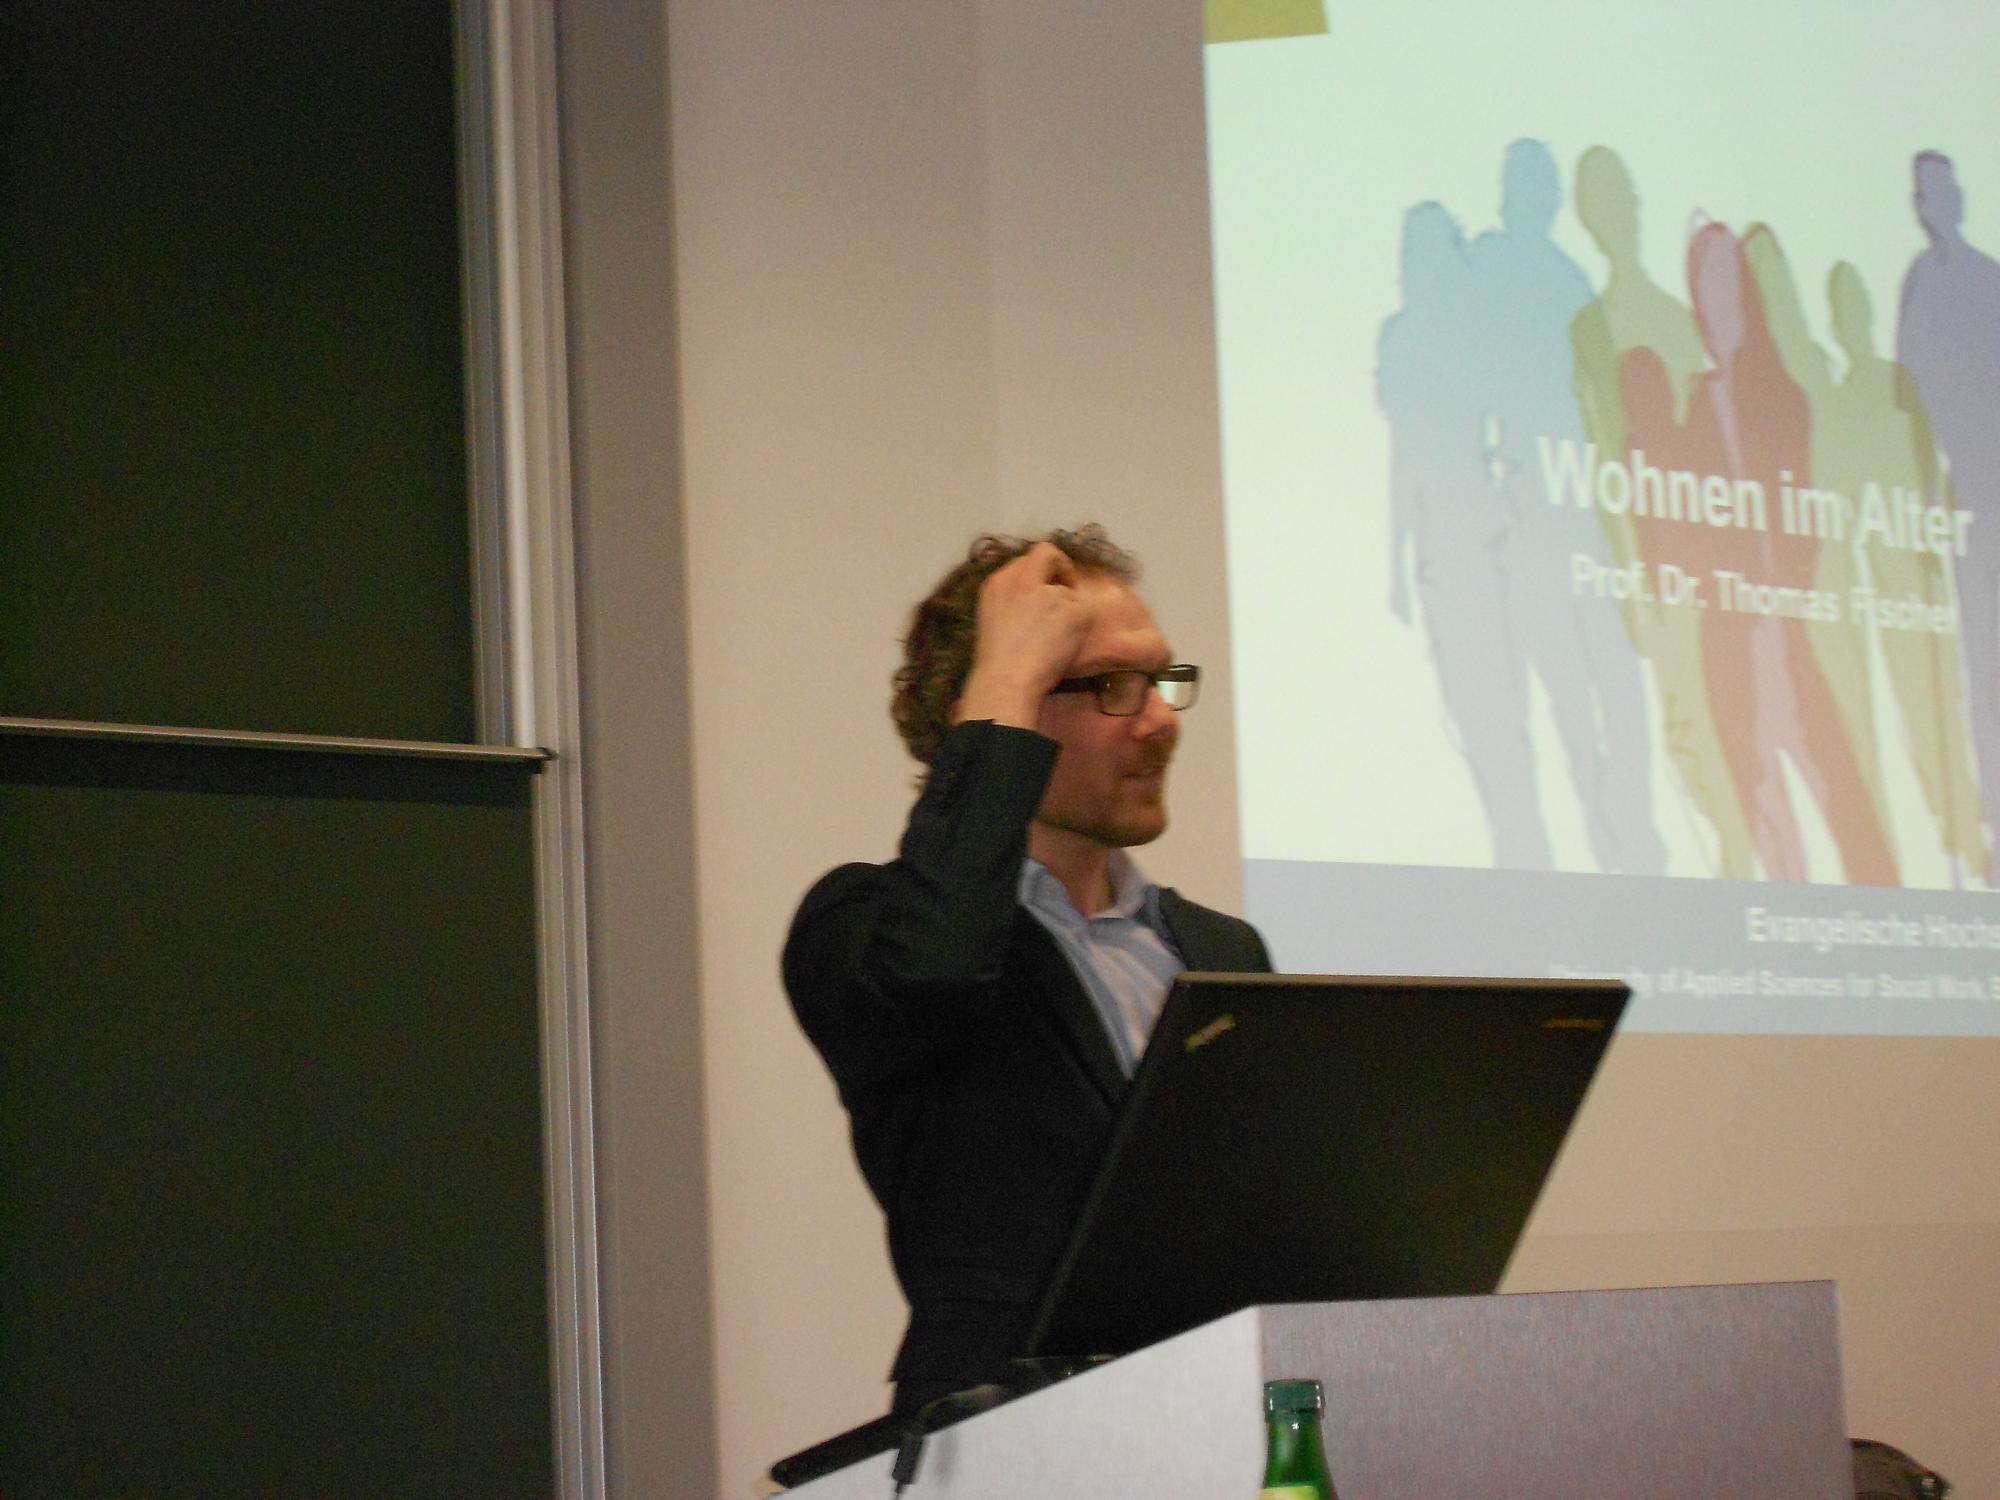 Prof. Fischer stellt sich den gehörlosen Teilnehmern in Deutscher Gebärdensprache vor